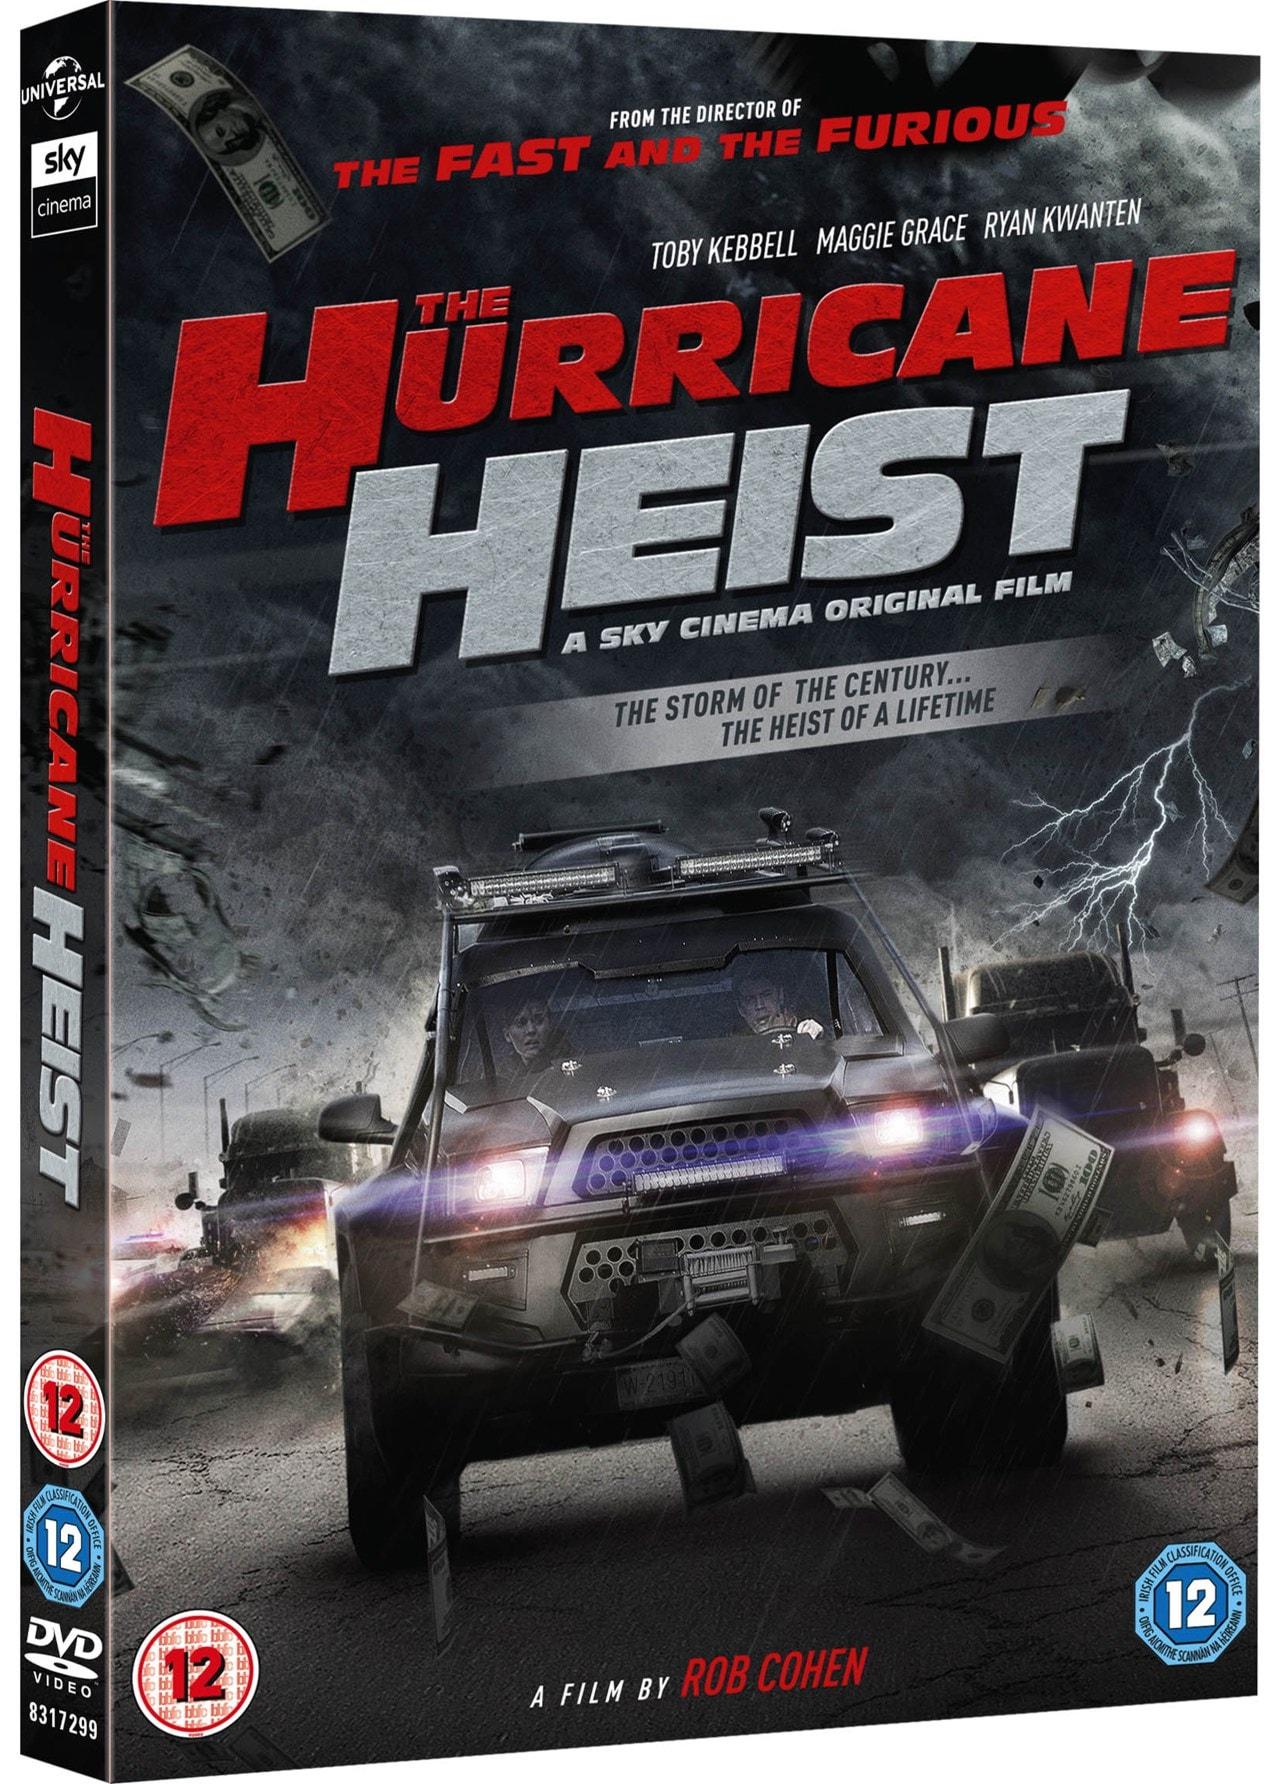 The Hurricane Heist - 2